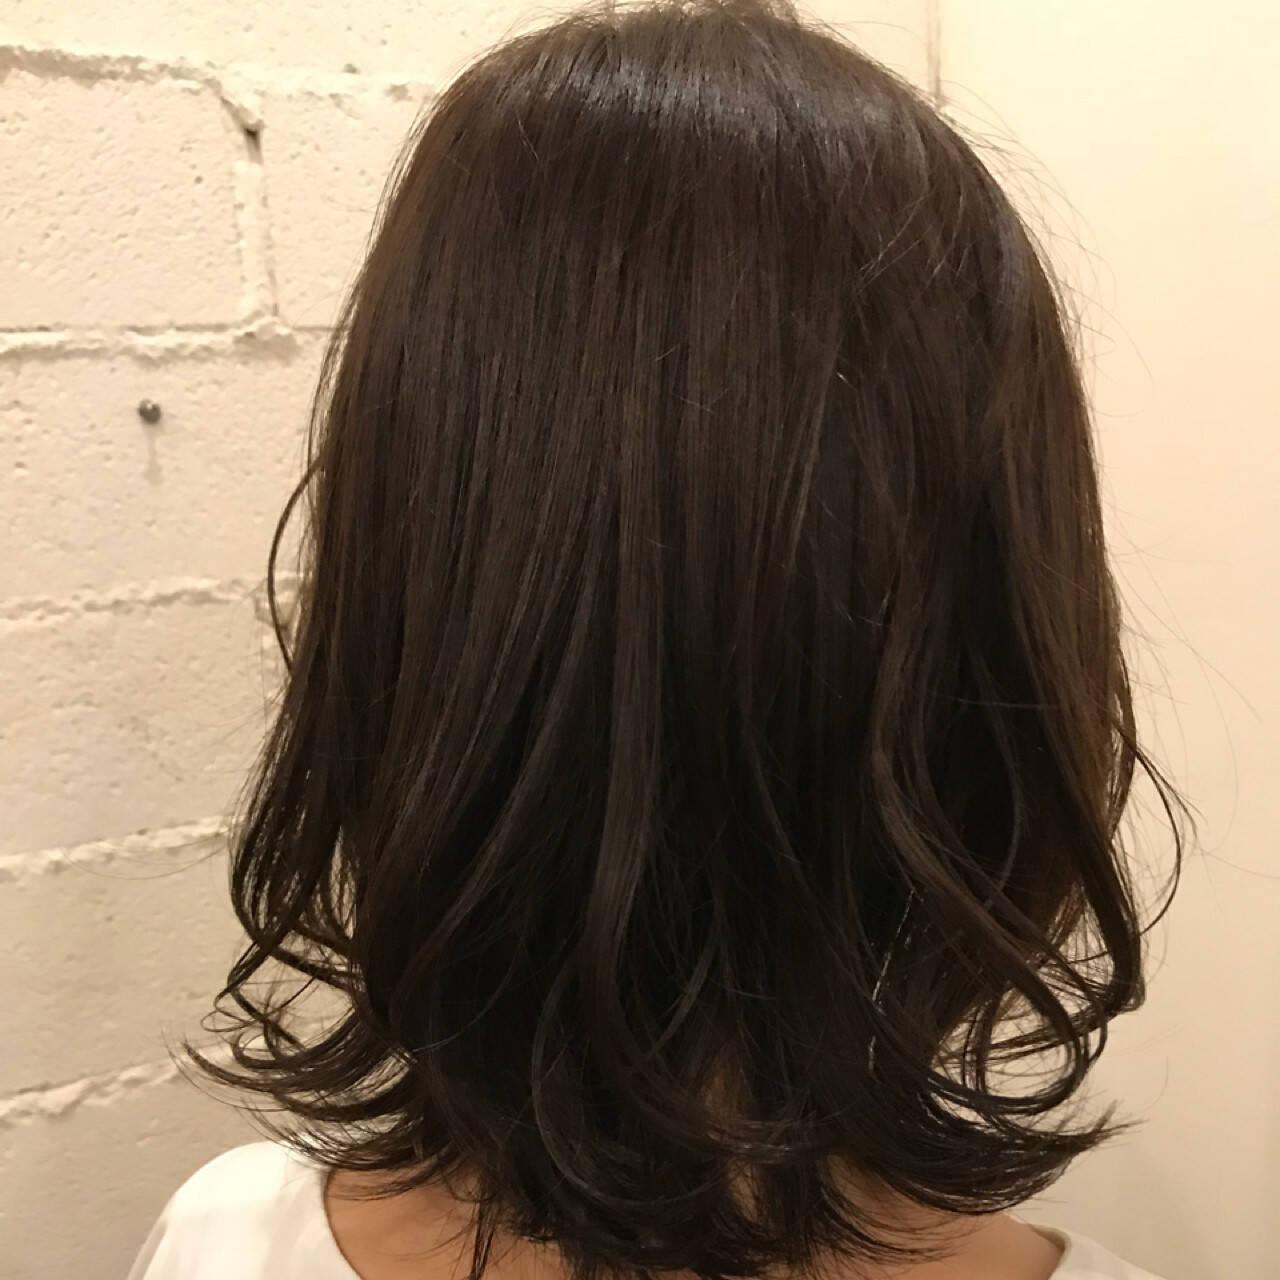 女子力 ナチュラル セミロング ゆるふわヘアスタイルや髪型の写真・画像